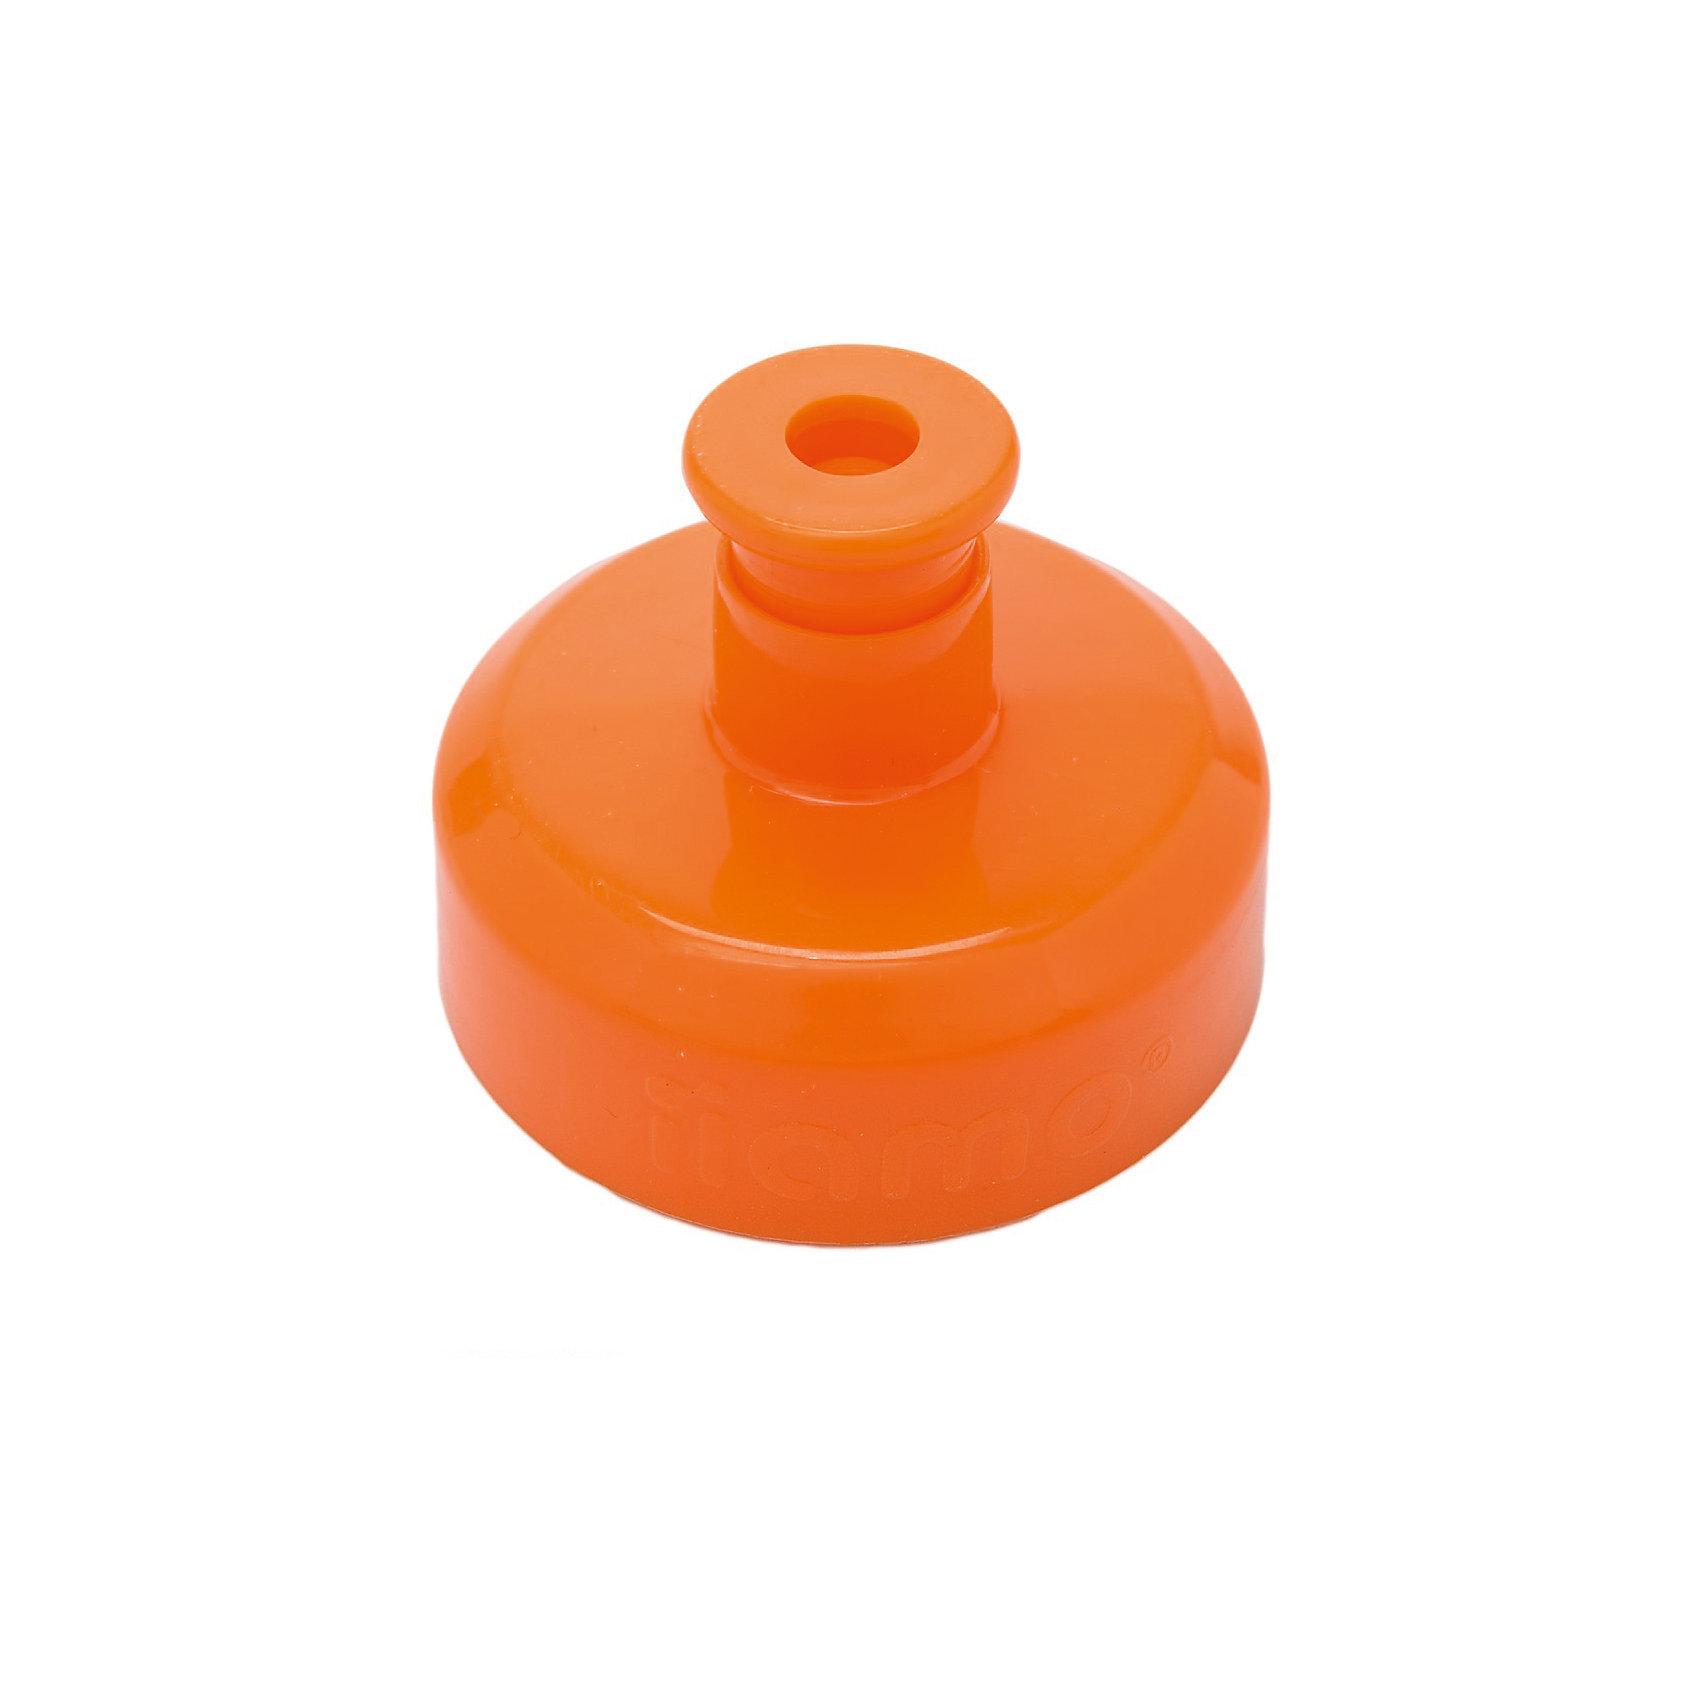 Носик Drink для бутылочки, Iiamo, оранжевыйБутылочки и аксессуары<br>Носик Drink для бутылочки, Iiamo (Ииамо), оранжевый<br><br>Характеристики:<br><br>• подходит для бутылочек 170 и 380 мл.<br>• легко и быстро превратит бутылочку в поильник<br>• препятствует протеканию<br>• подходит для любых жидкостей<br>• не содержит бисфенол А и другие вредные примеси<br>• размер упаковки: 8,5х8,5х8,5 см<br>• материал: пластик<br>• вес: 41 грамм<br>• цвет: оранжевый<br><br>Воспитание и обучение детей - важная задача каждого родителя. После 6 месяцев кроха продолжает изучать мир и знакомится с поильником. Чтобы малыш не боялся нового неизвестного предмета, вы можете использовать носик Iiamo drink для любимой бутылочки крохи. Он без лишних усилий превратит бутылочку в настоящий поильник! Носик не содержит вредных химикатов, опасных для ребенка. Он подходит для любых напитков и даже защитит бутылочку от протекания. Носик drink станет первой ступенью в нелегком приучении малыша к чашке.<br><br>Носик Drink для бутылочки, Iiamo (Ииамо), оранжевый вы можете купить в нашем интернет-магазине.<br><br>Ширина мм: 80<br>Глубина мм: 40<br>Высота мм: 80<br>Вес г: 20<br>Возраст от месяцев: 6<br>Возраст до месяцев: 36<br>Пол: Унисекс<br>Возраст: Детский<br>SKU: 5007196